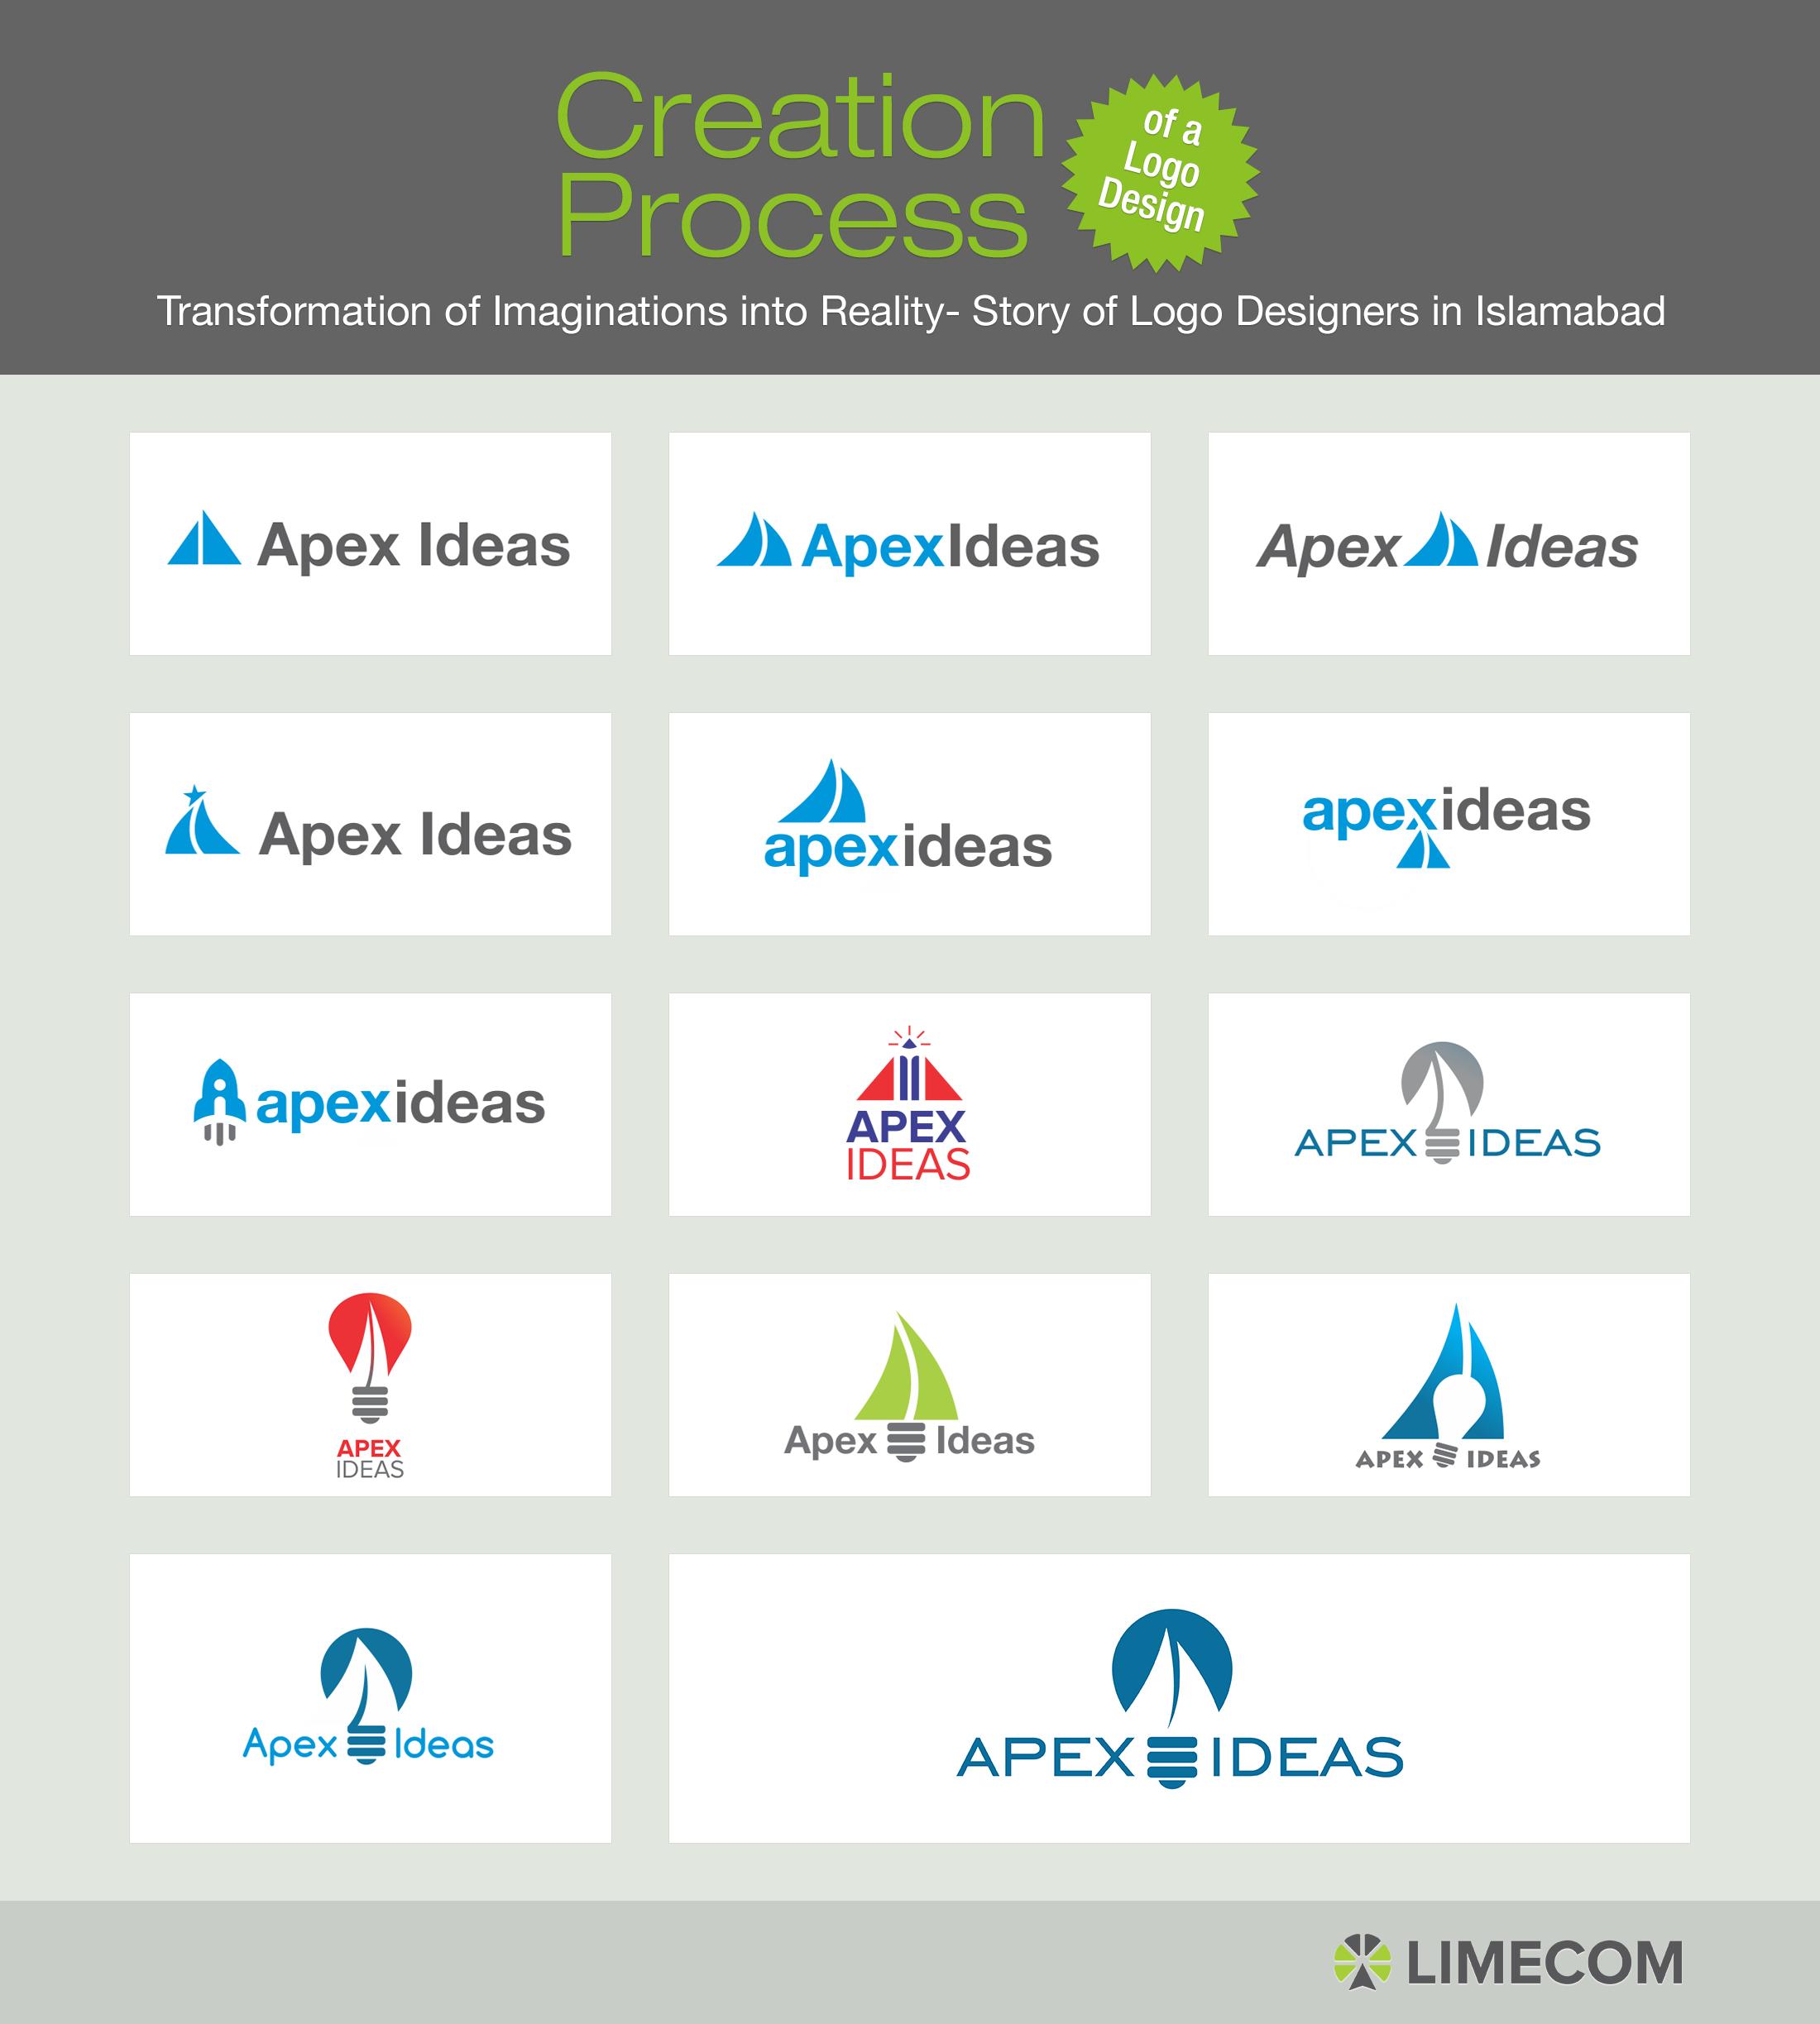 logo design, apex logos, story,